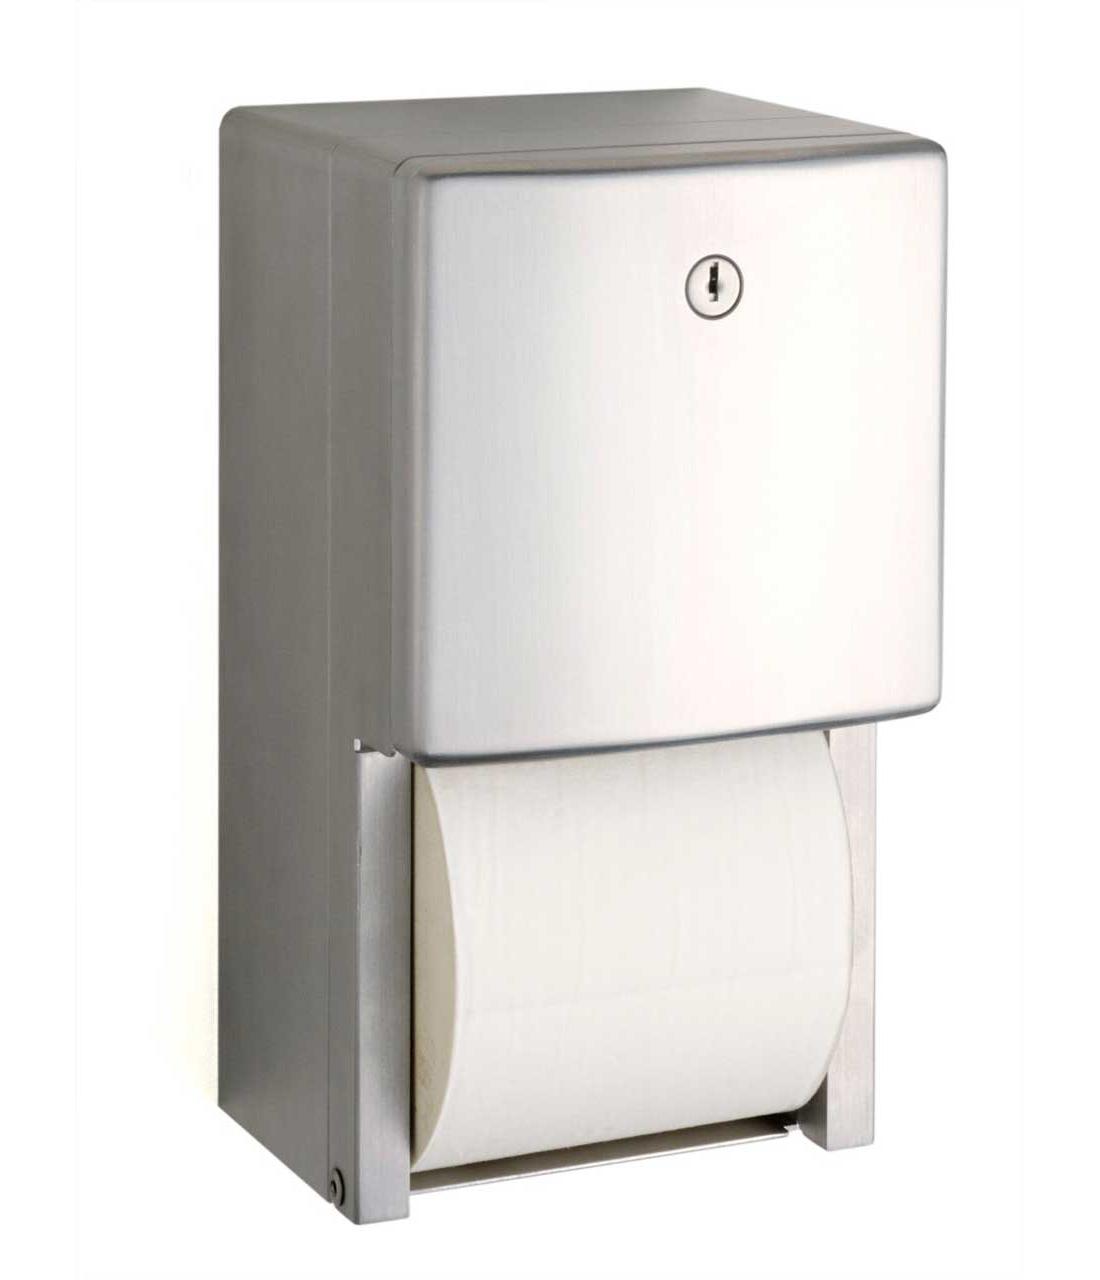 Bobrick-B-4288-Toilet-Paper-Dispenser